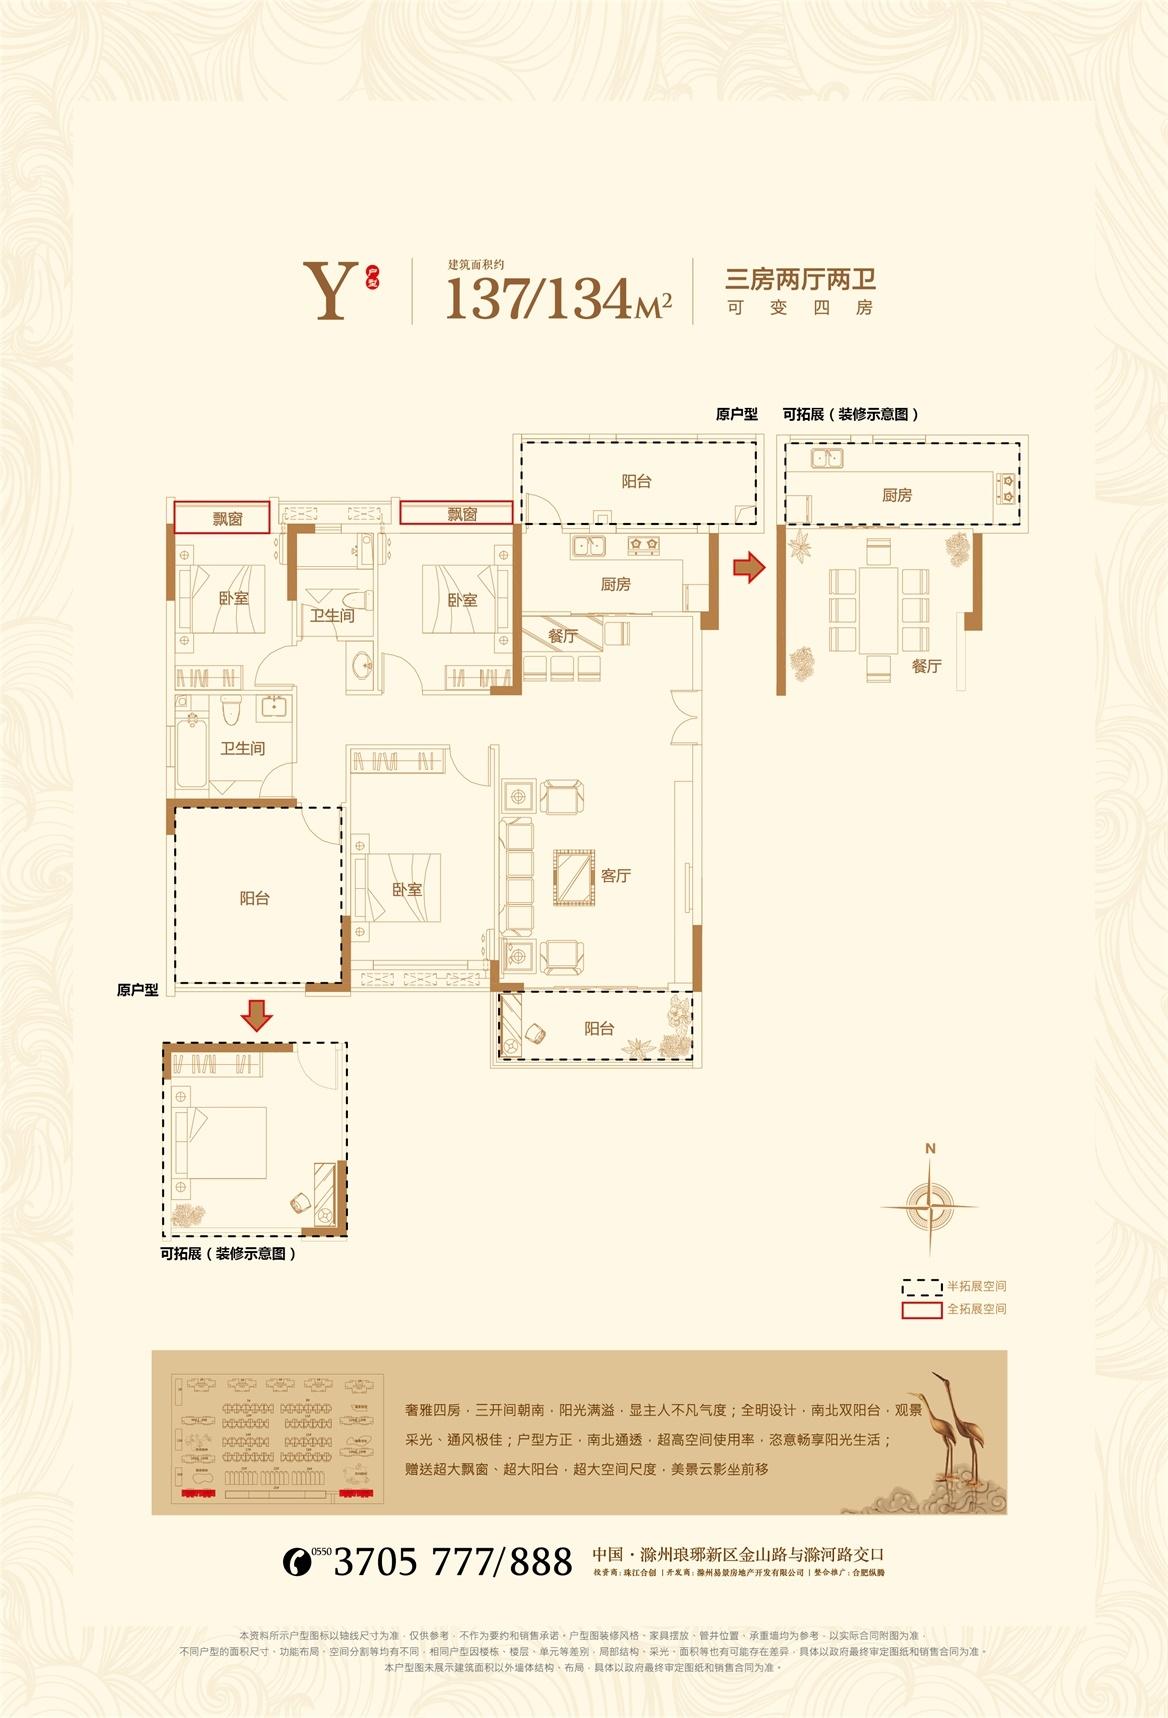 珠江和院 洋房户型建筑面积137/134平方